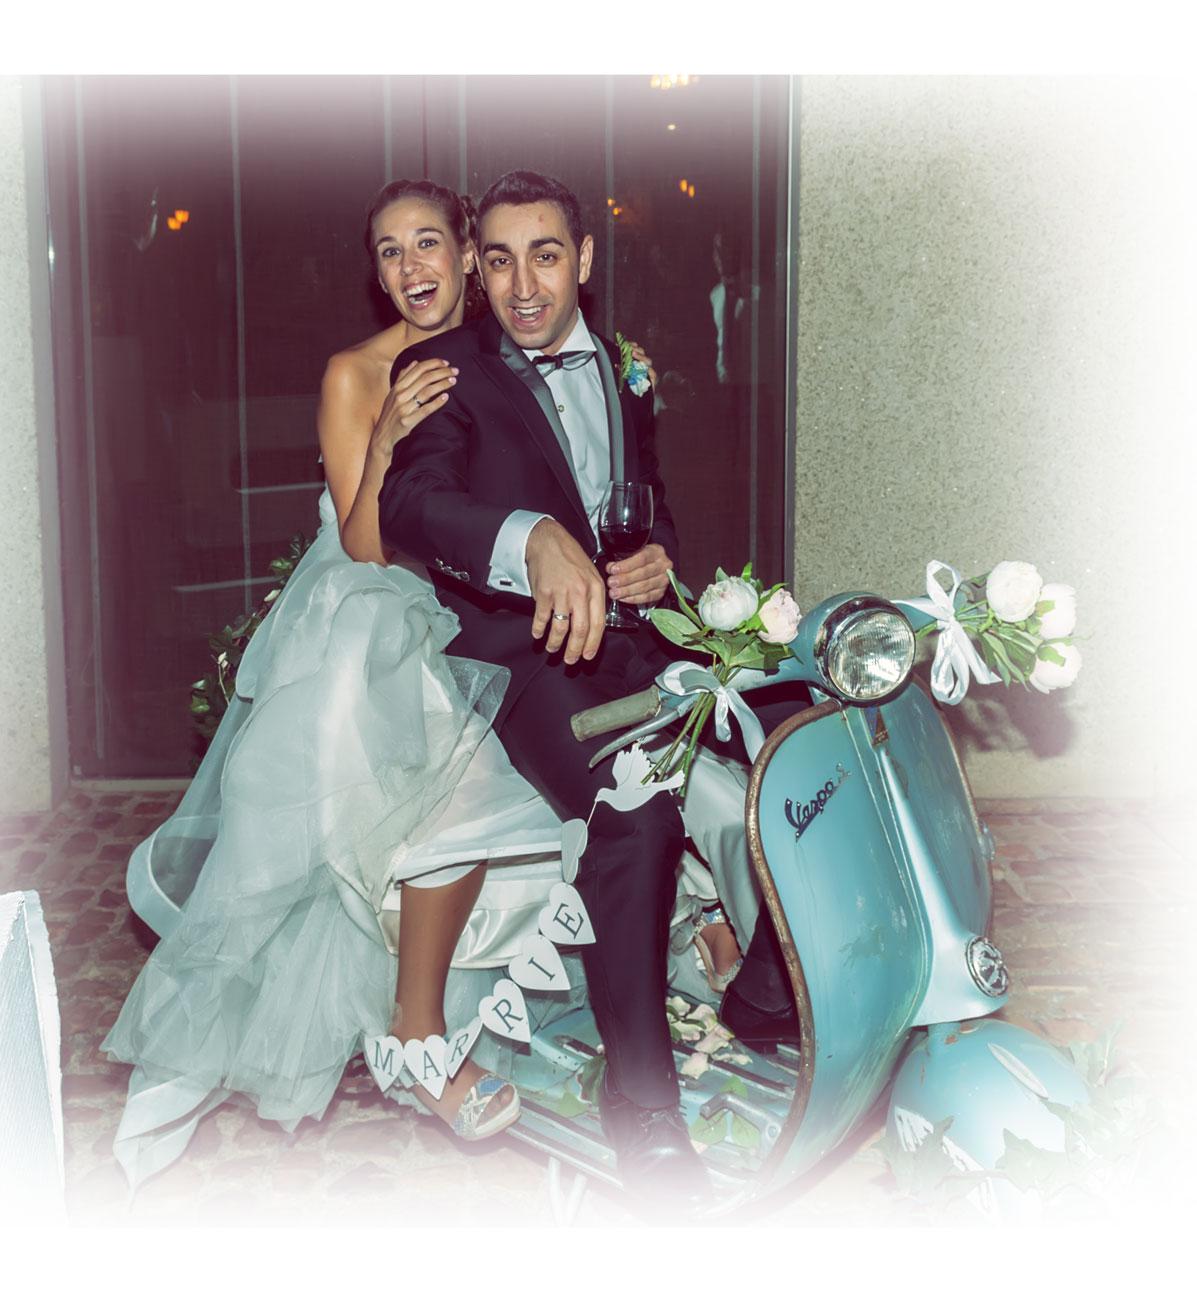 Parte de una página del álbum - Santi y Esther, San Juan, Zamora - Vicente Calvo Coria, vídeo y fotografía, Zamora